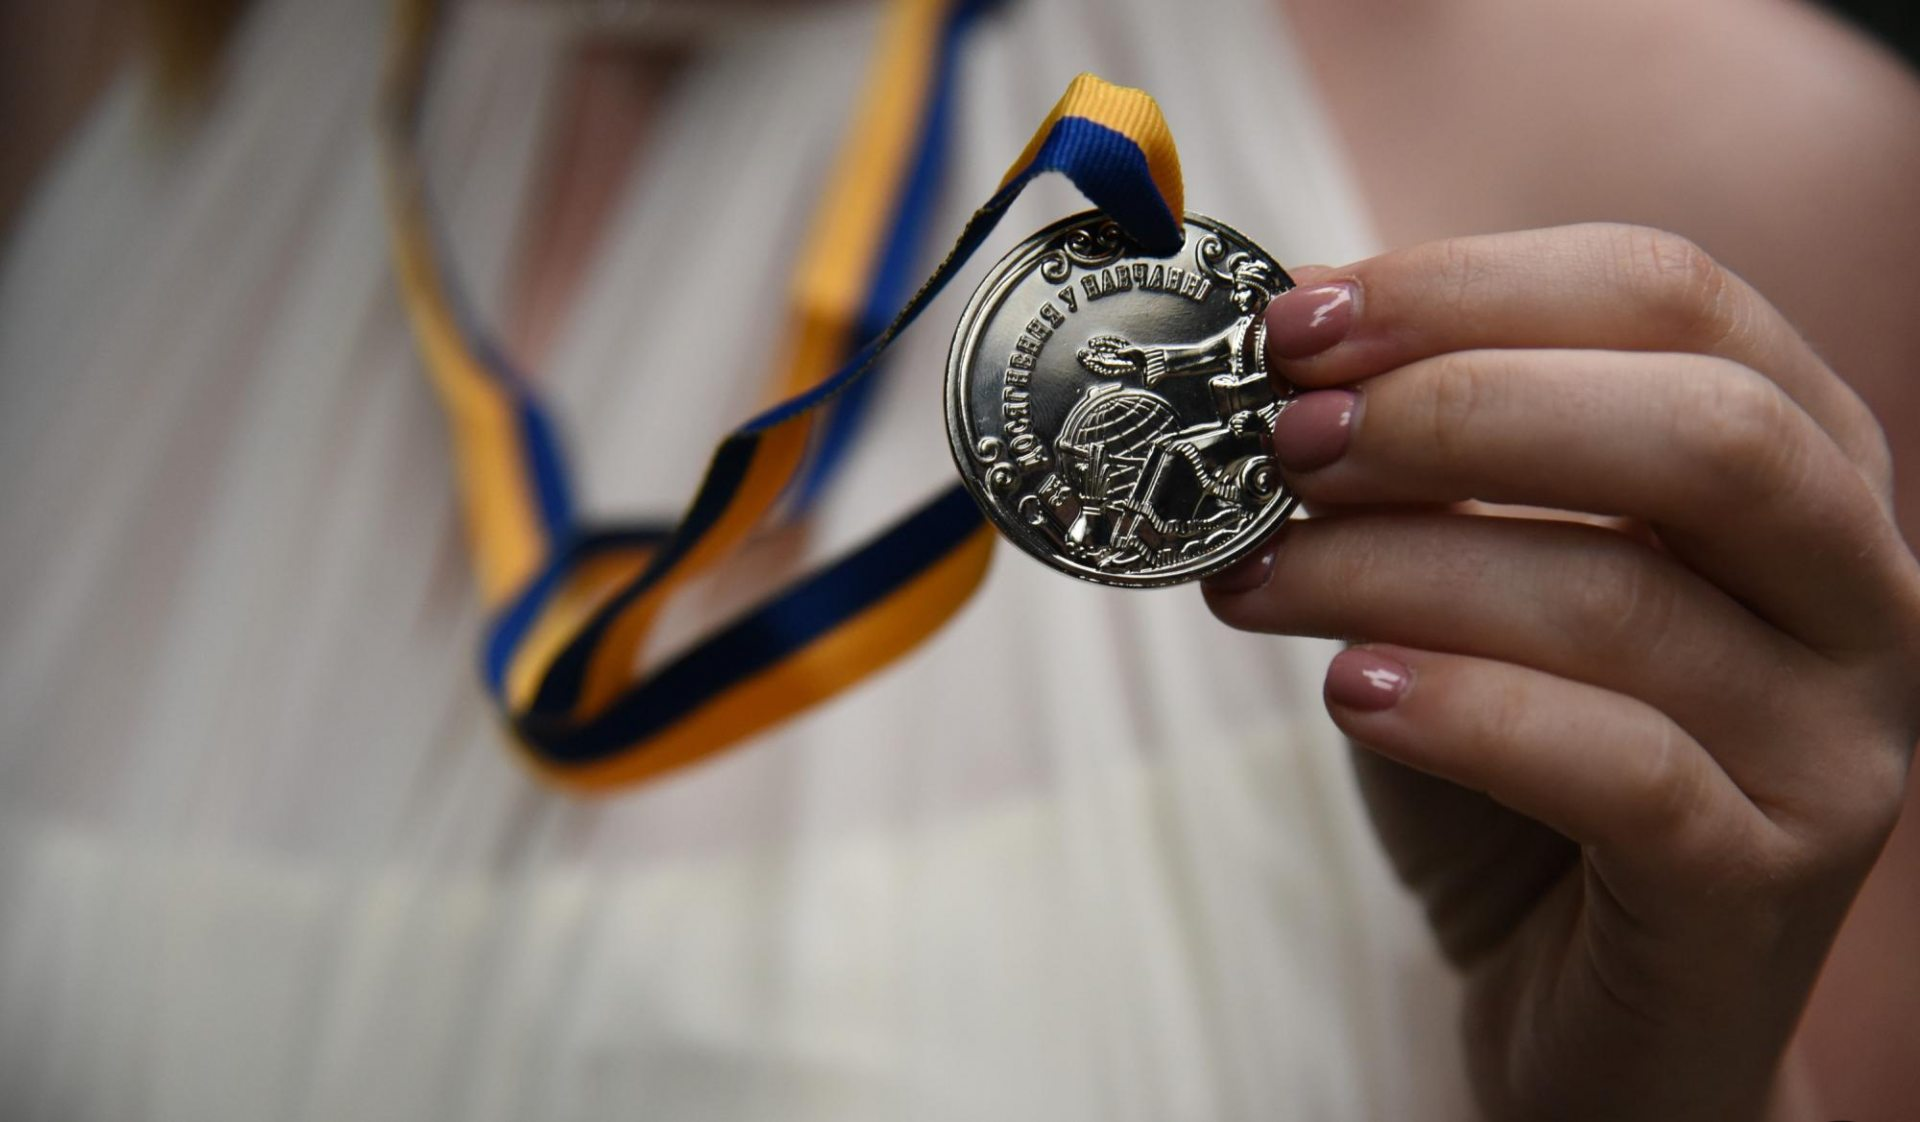 медали, дистанционка, ЗНО